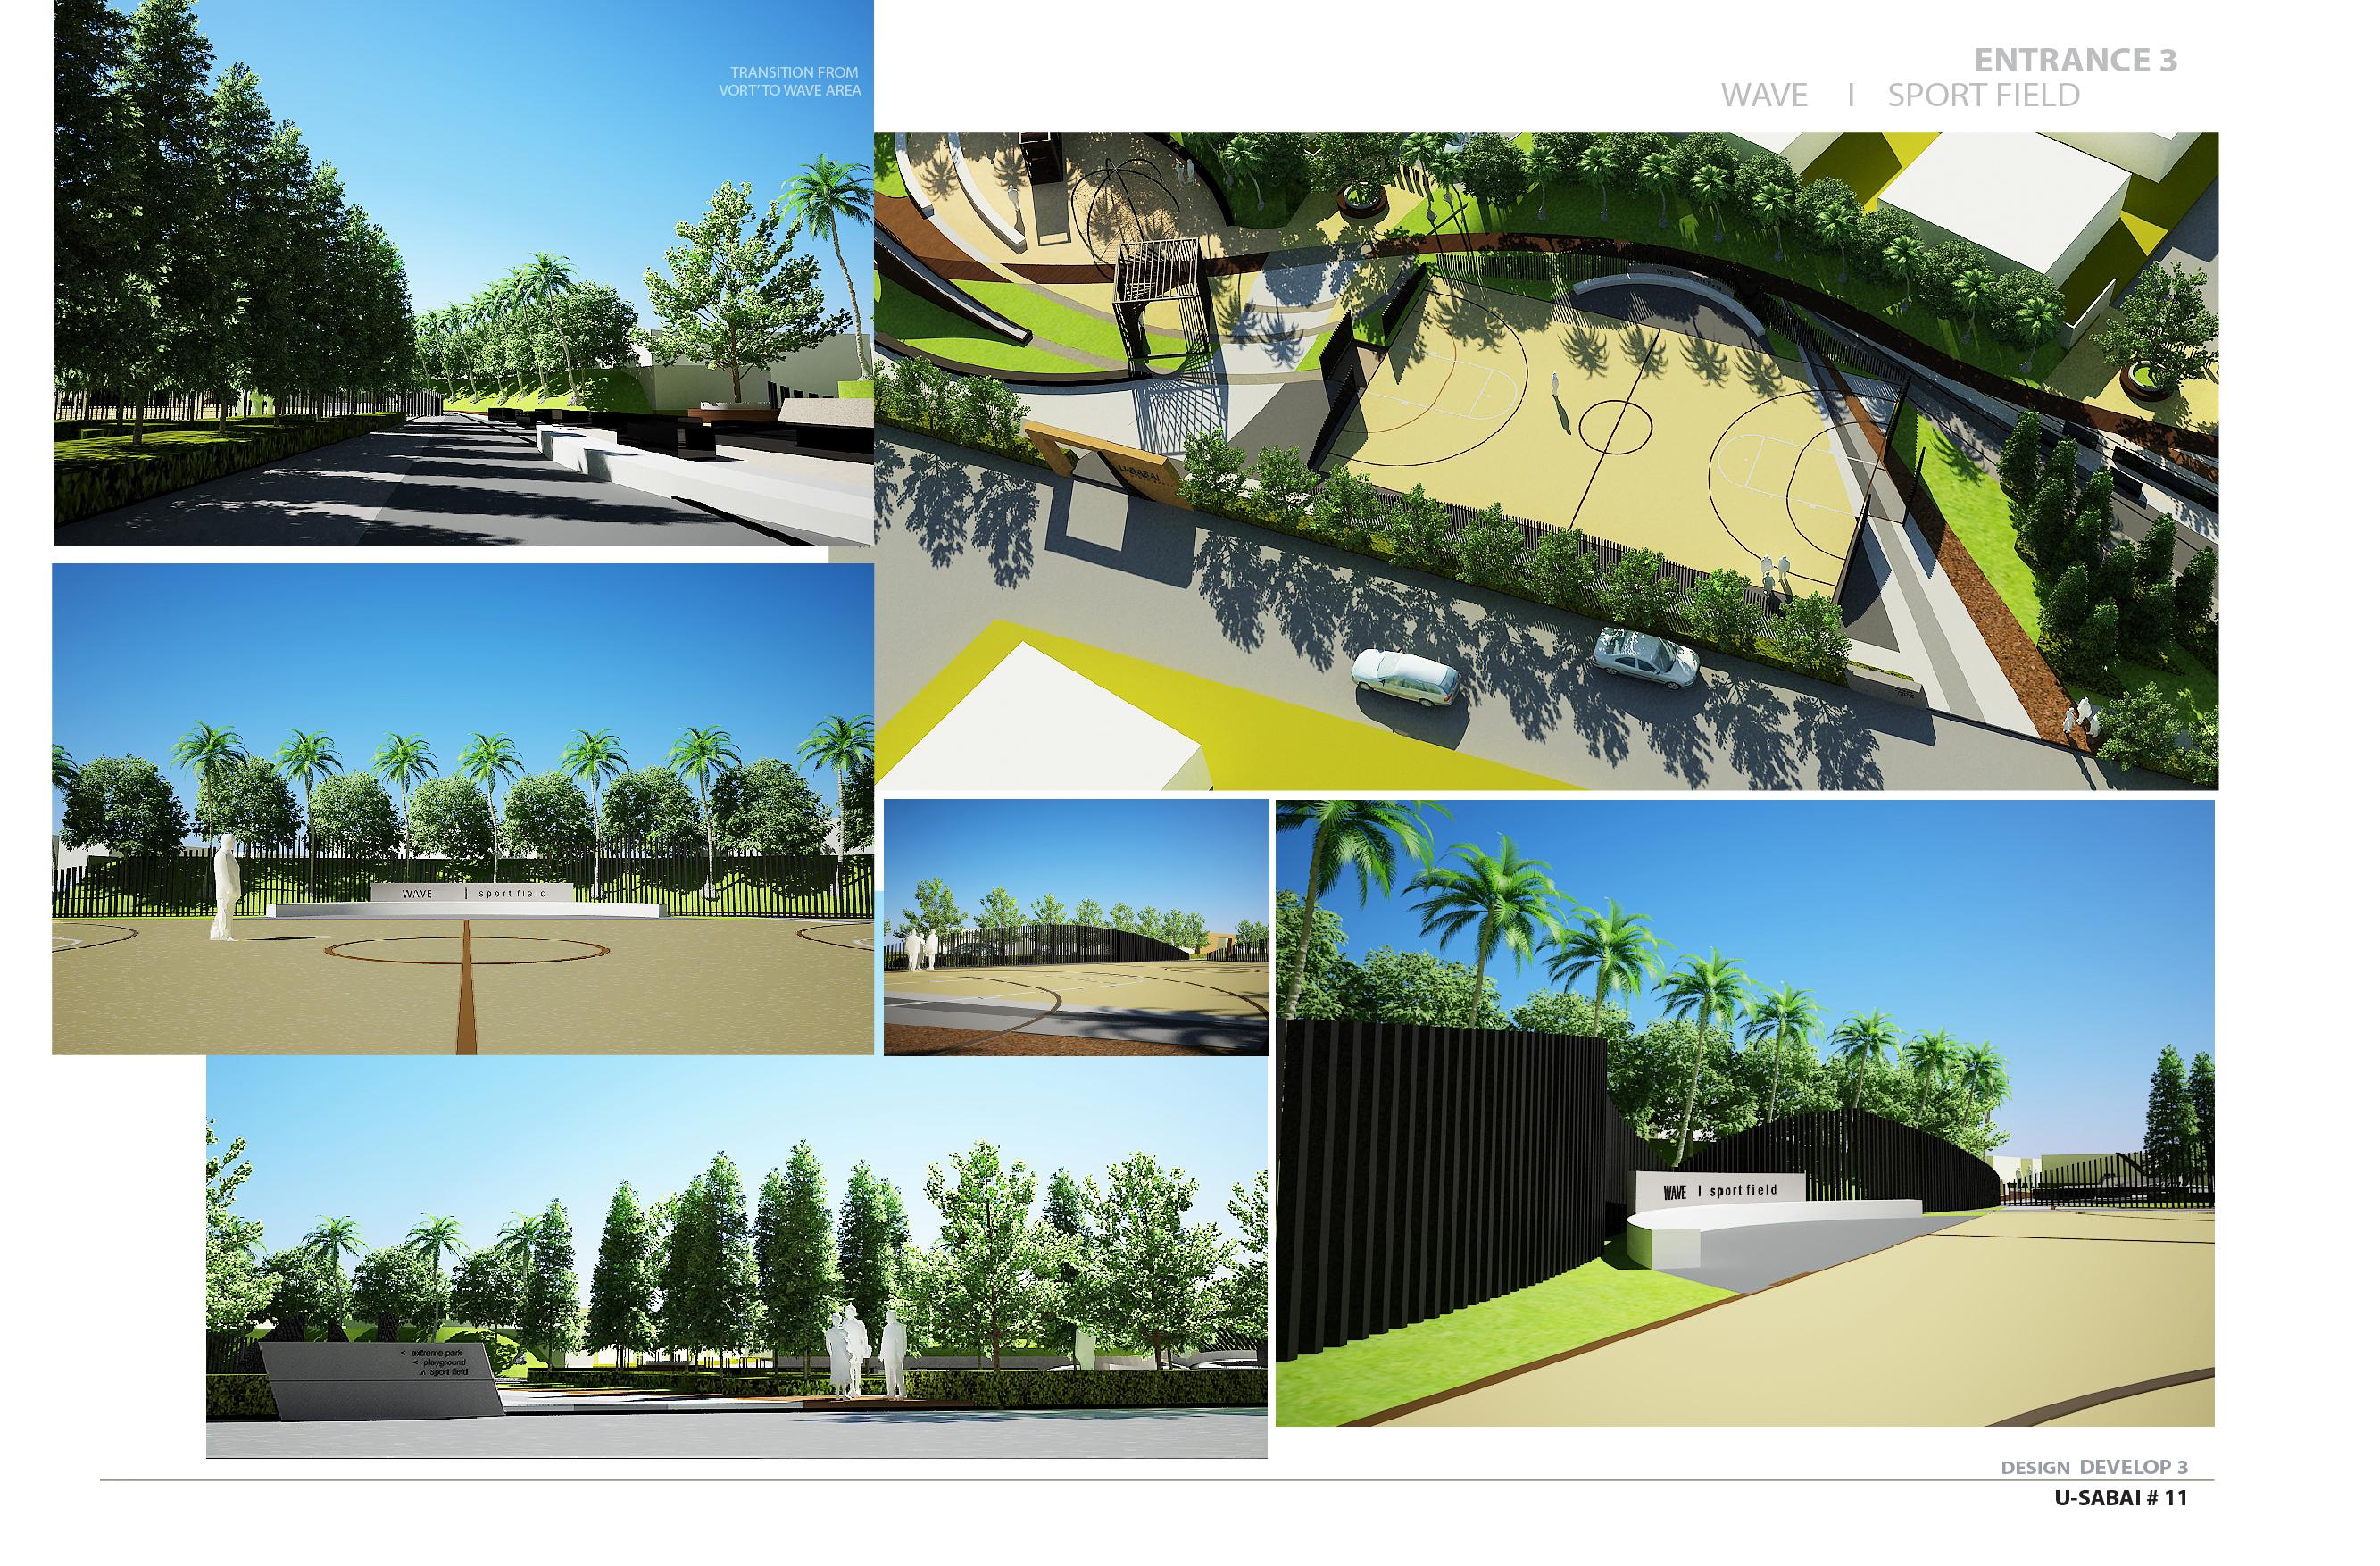 Landscape - Wave Sport field